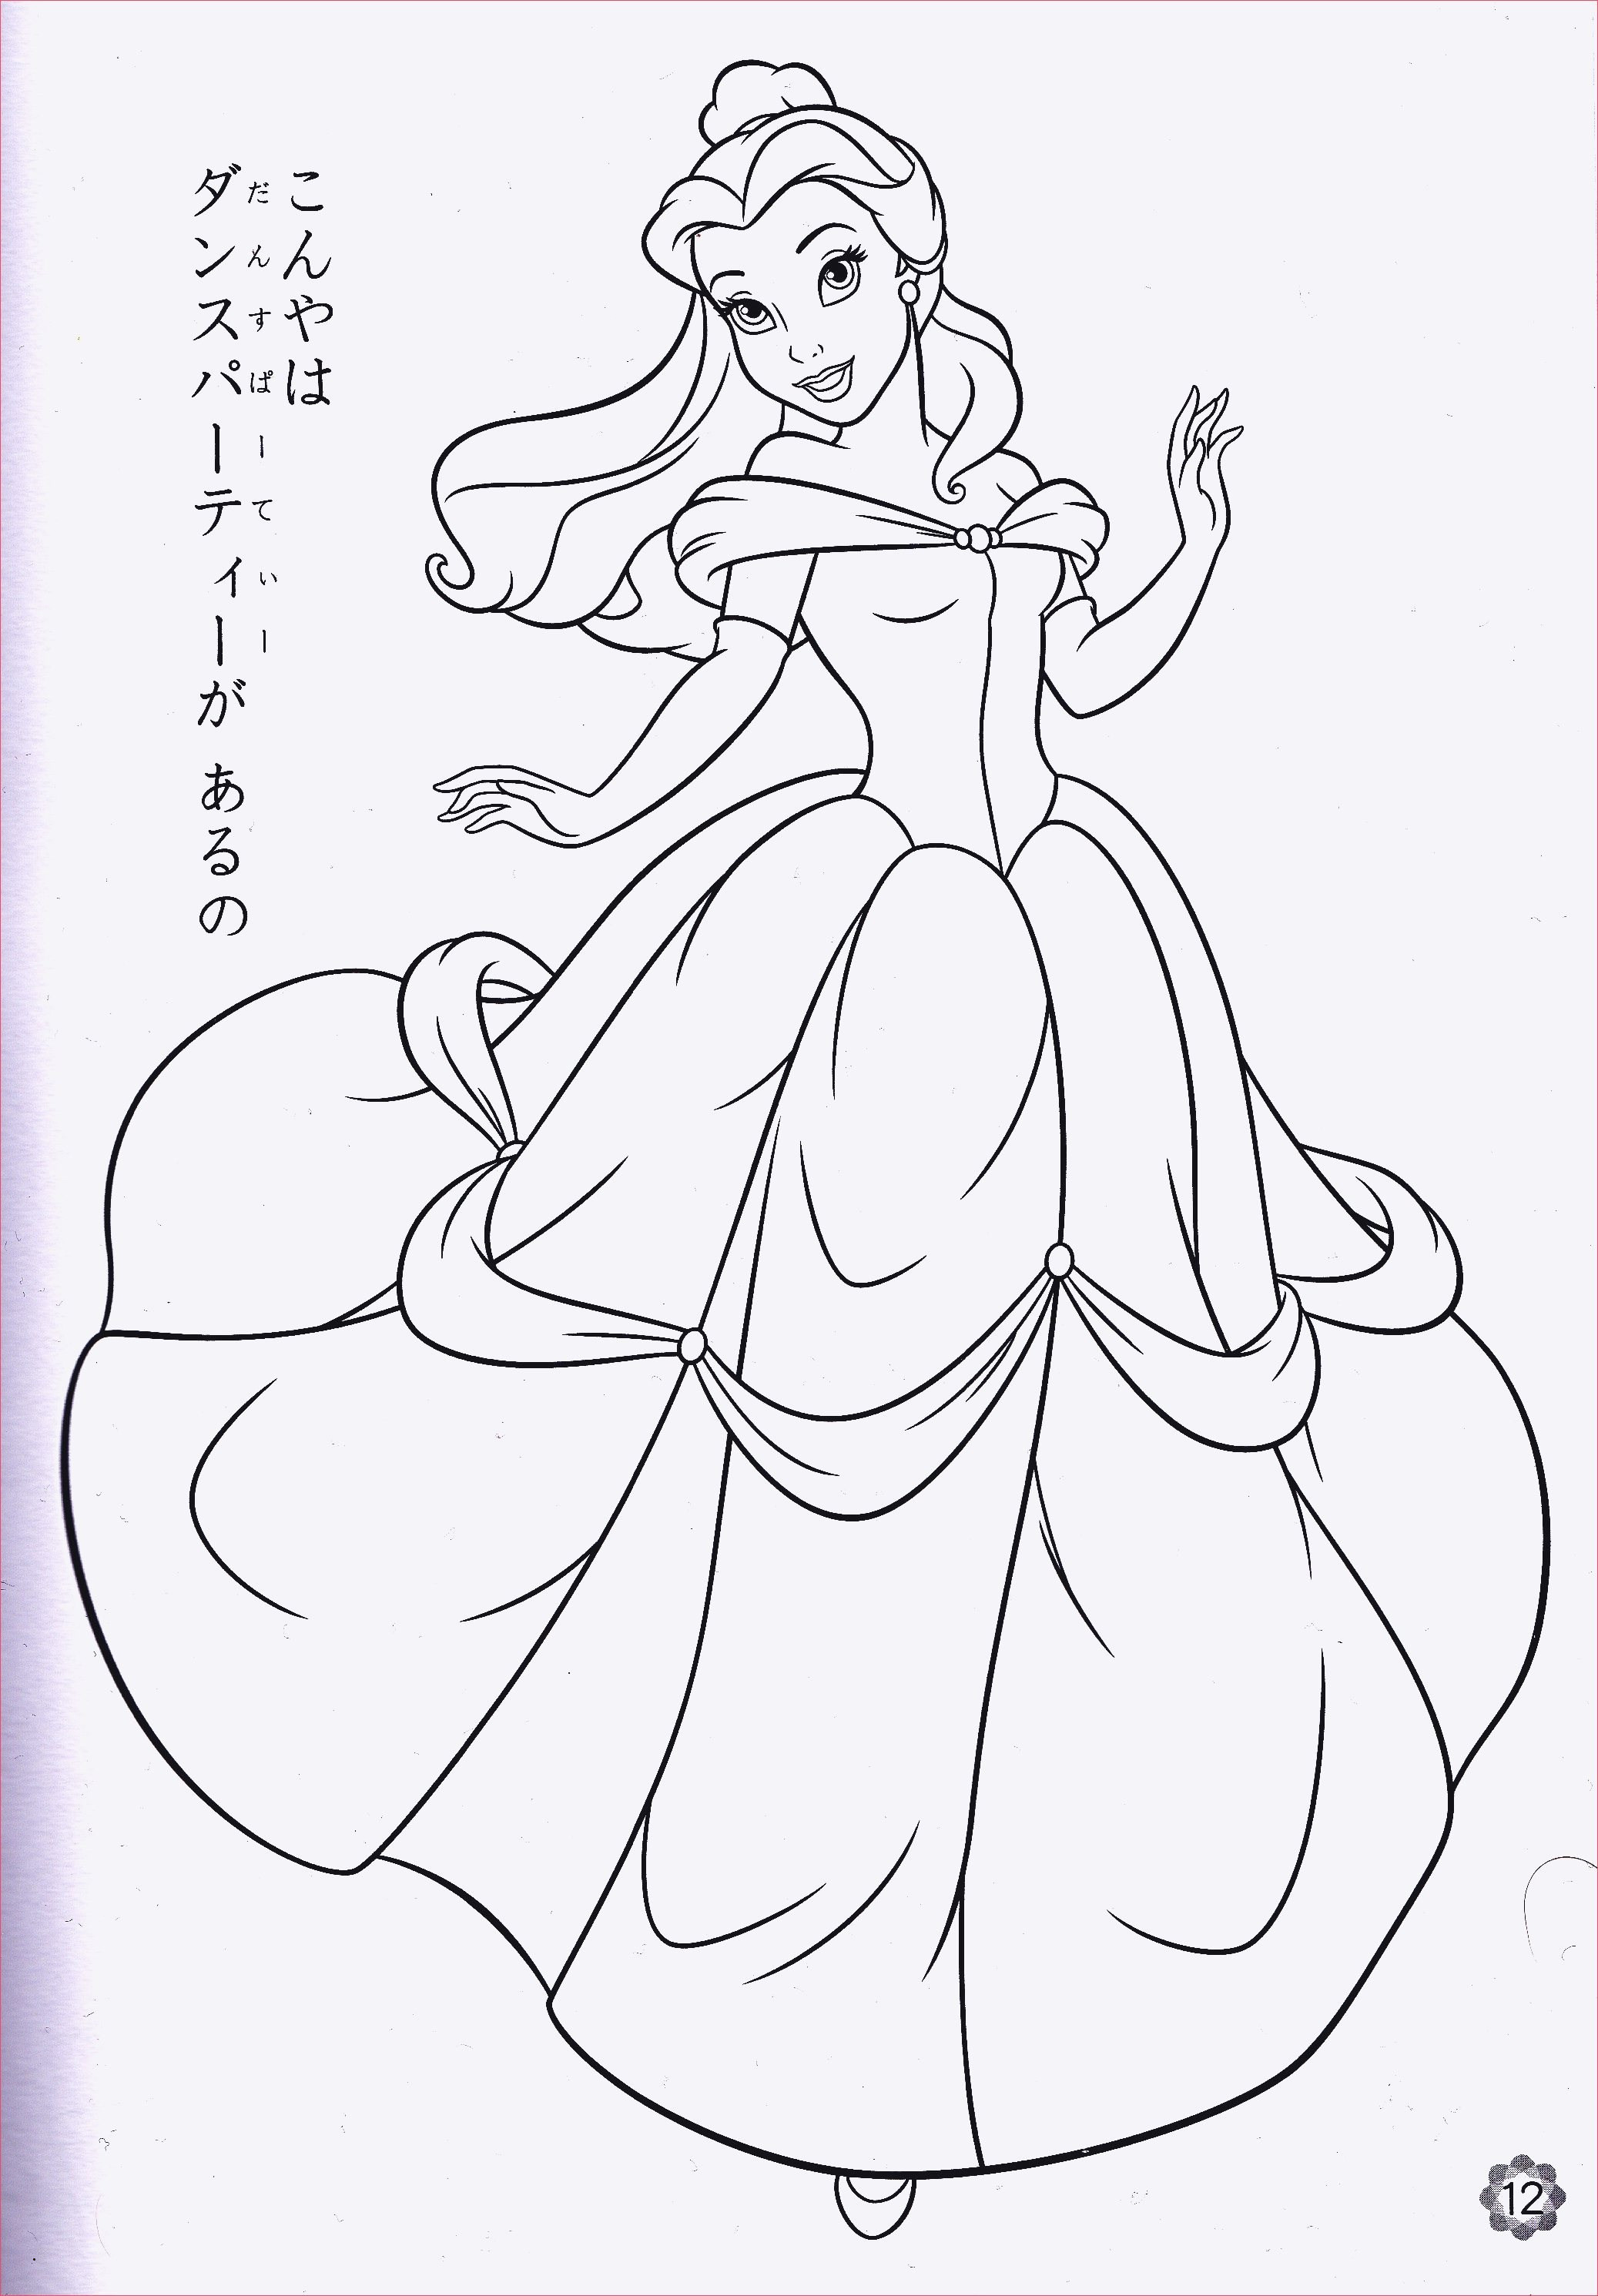 Ausmalbilder Disney Prinzessin Jasmin Neu 40 Entwurf